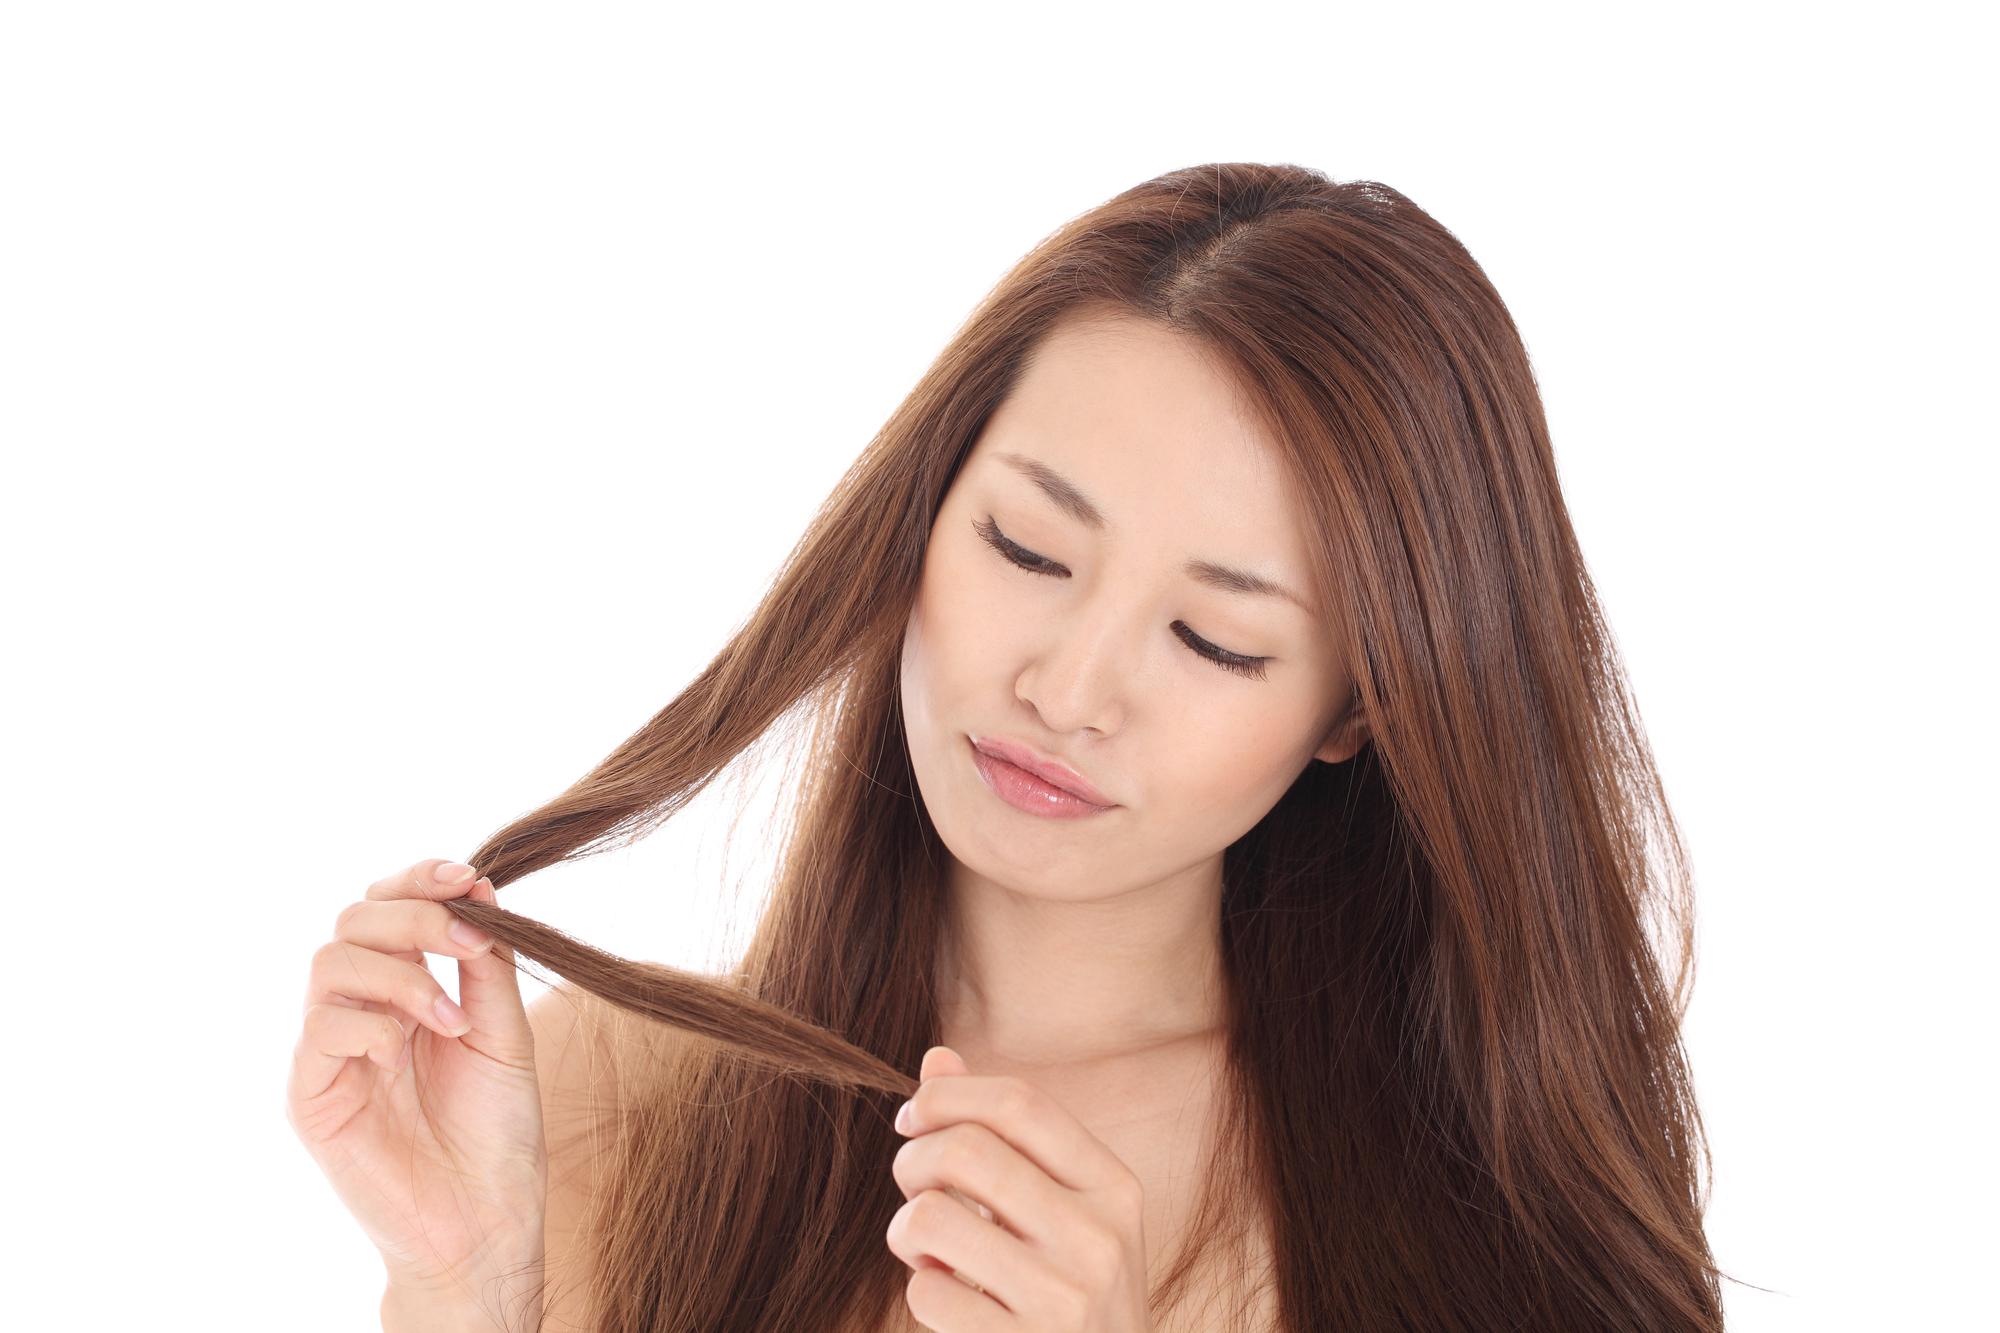 髪の毛のダメージに対策はあるの?まずダメージの原因から知ろう!のサムネイル画像